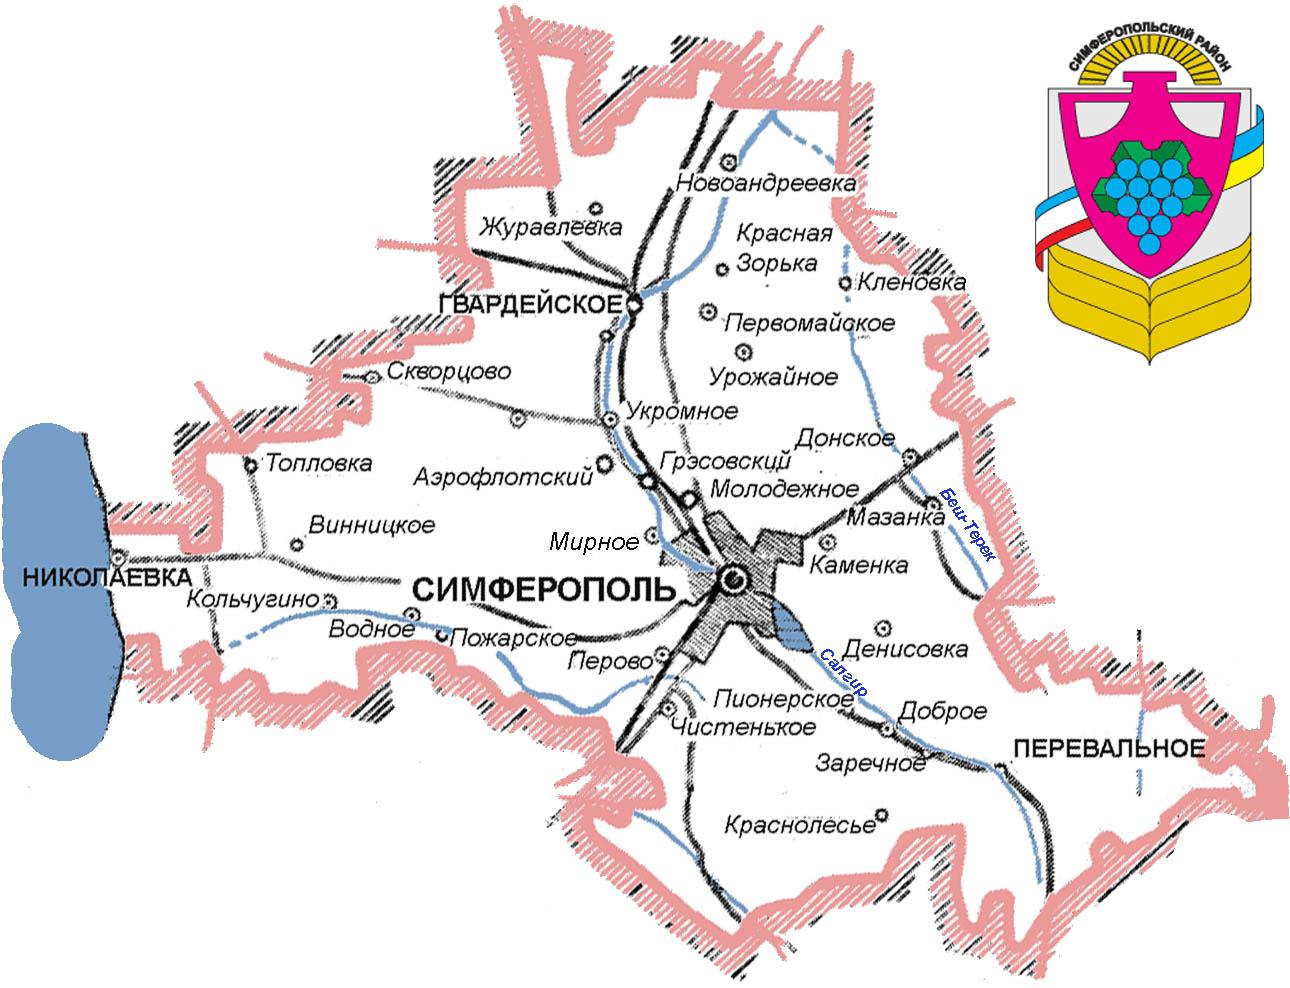 Карта схема дорог Симферопольского района Крыма